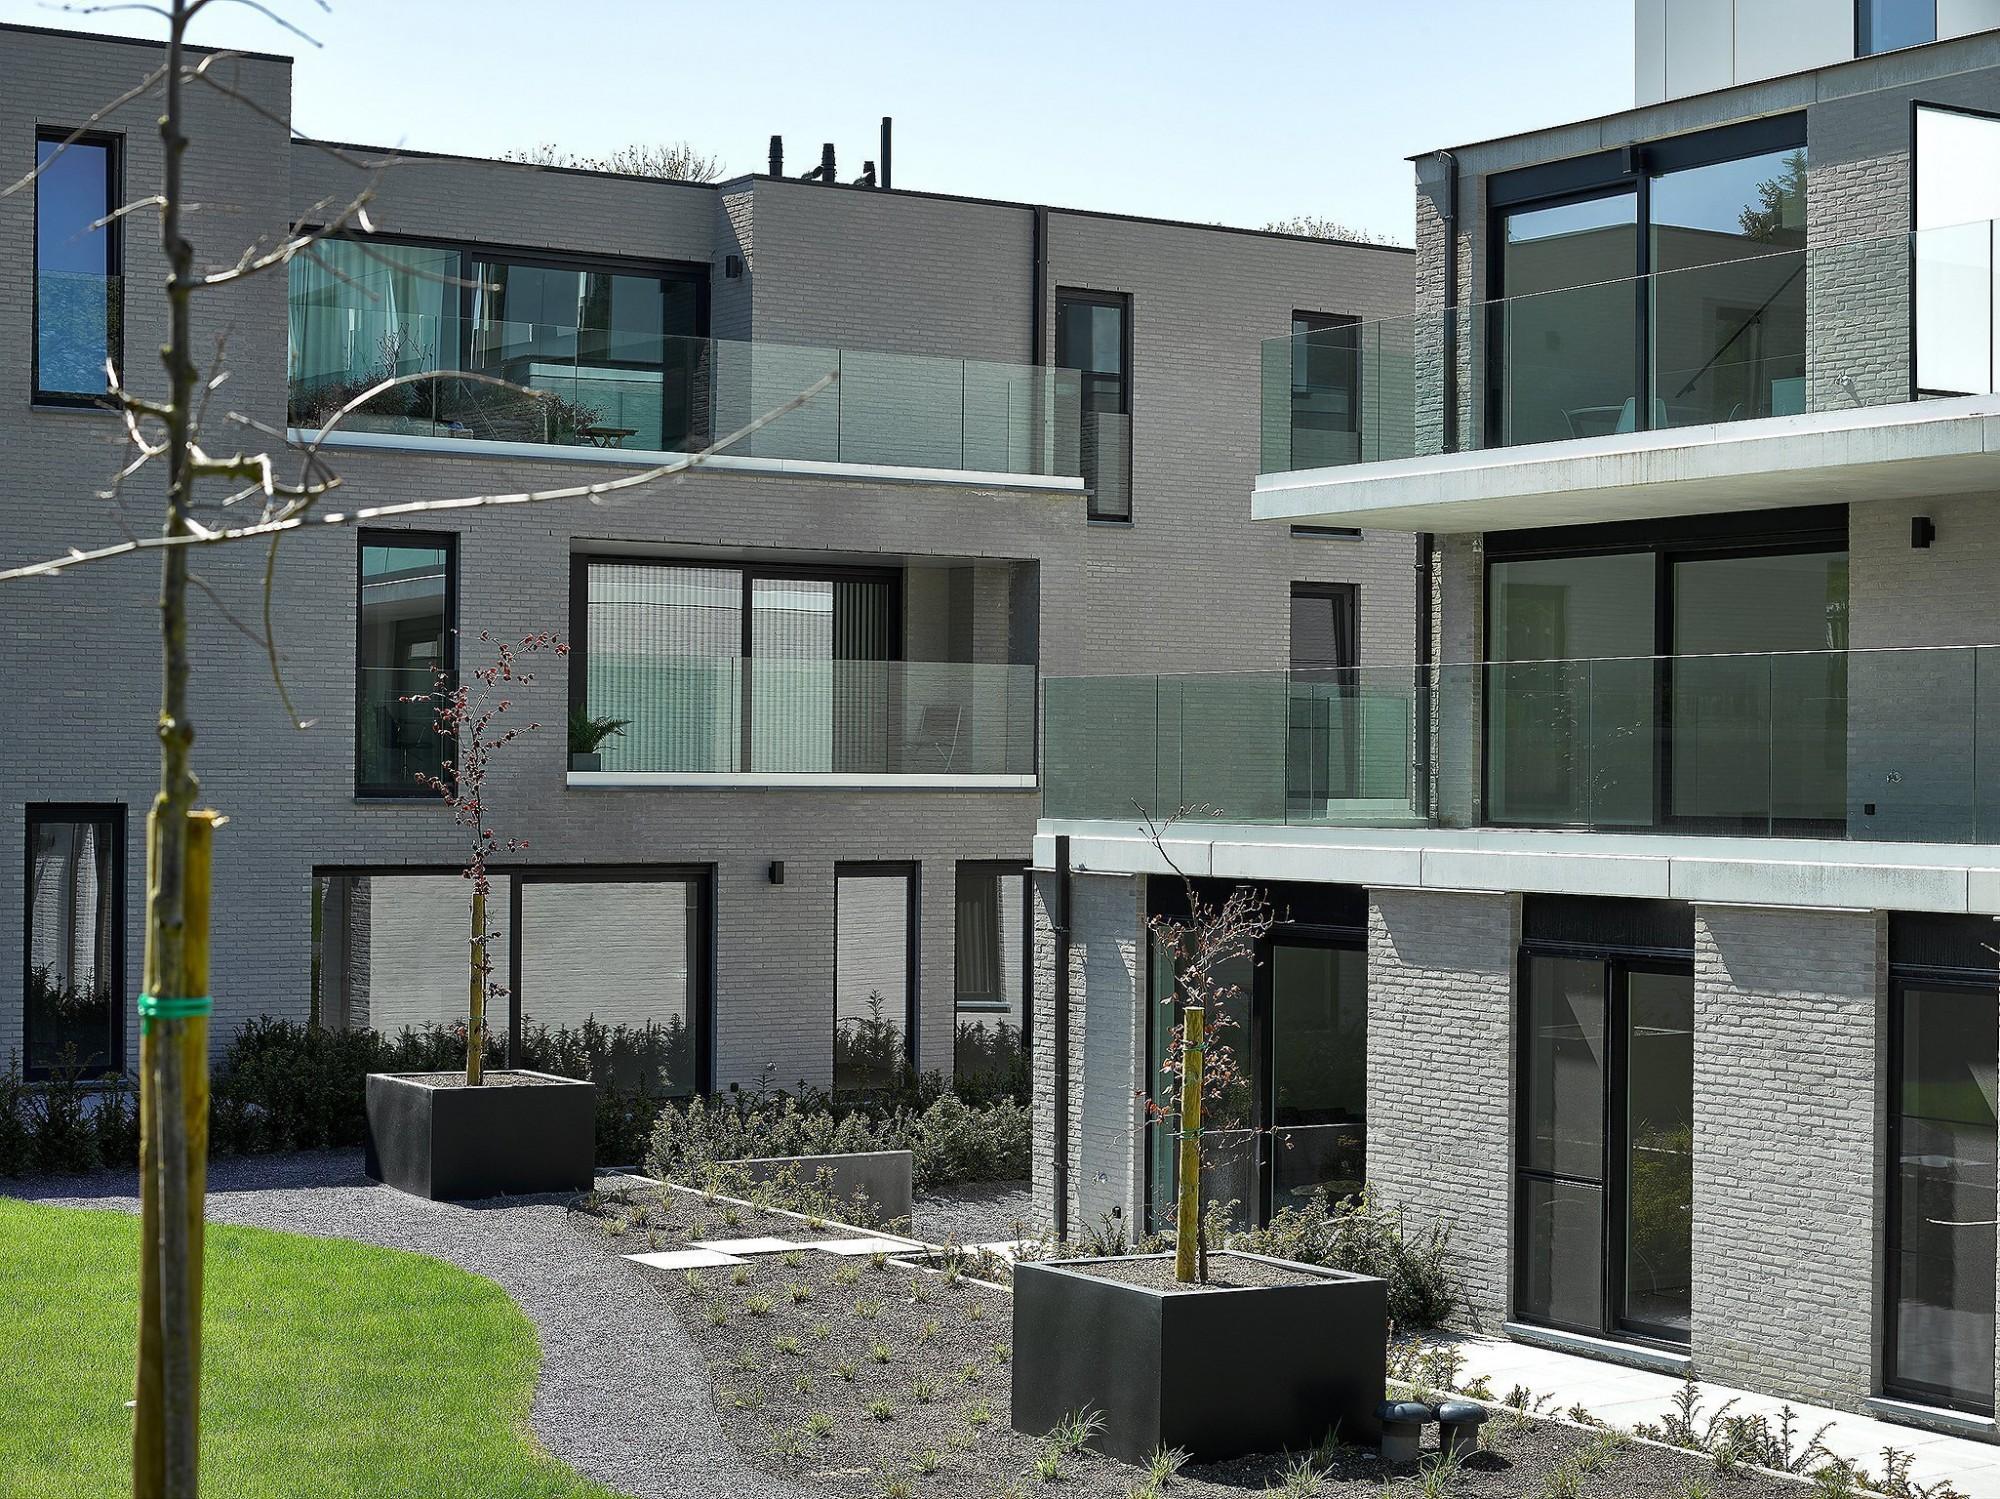 Afbeelding: Architectuur fotografie appartementen voor © mertens architecten, architectuurfotograaf Foto Van Huffel.